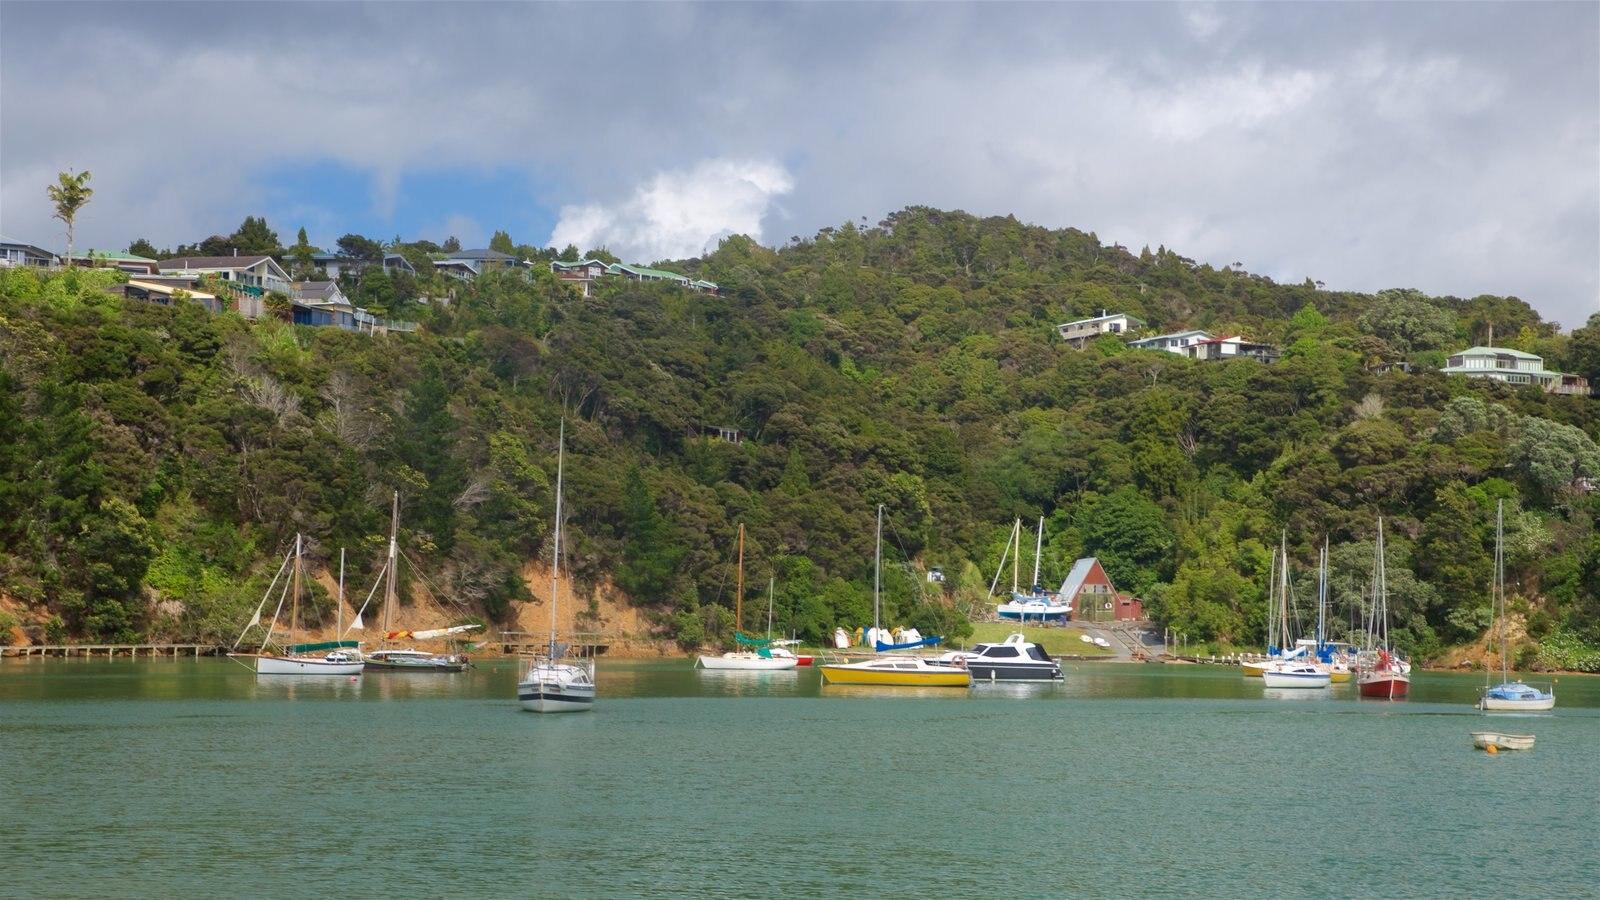 Okiato que incluye escenas tranquilas y una bahía o puerto